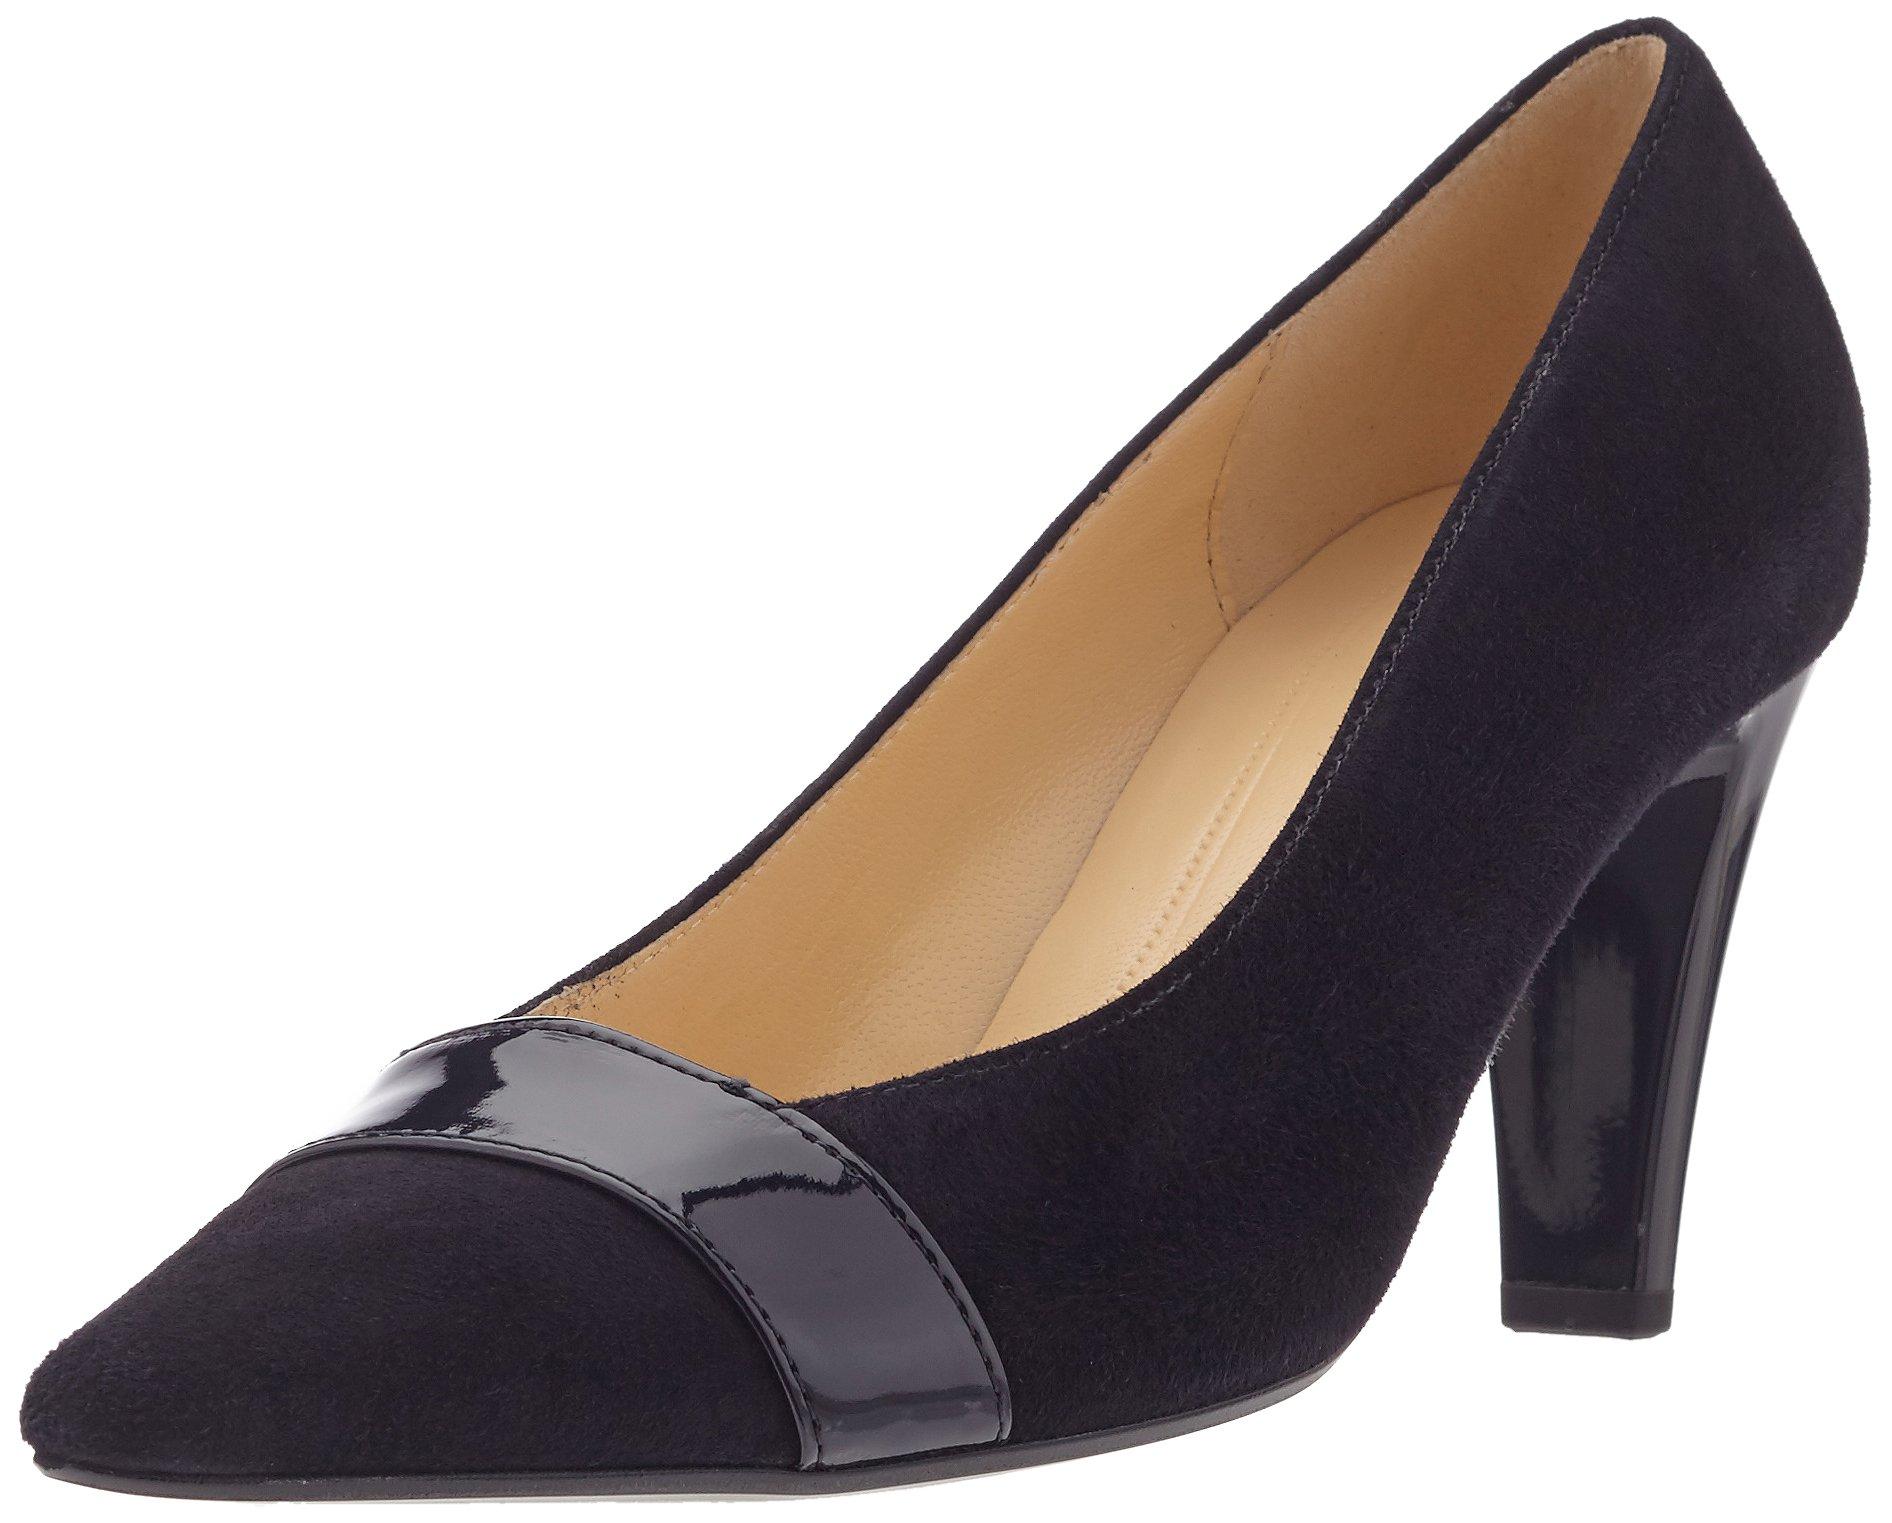 Gabor FemmeBleupazifikabsatz 5 FashionEscarpins Eu 1640 Shoes nPwXON80k